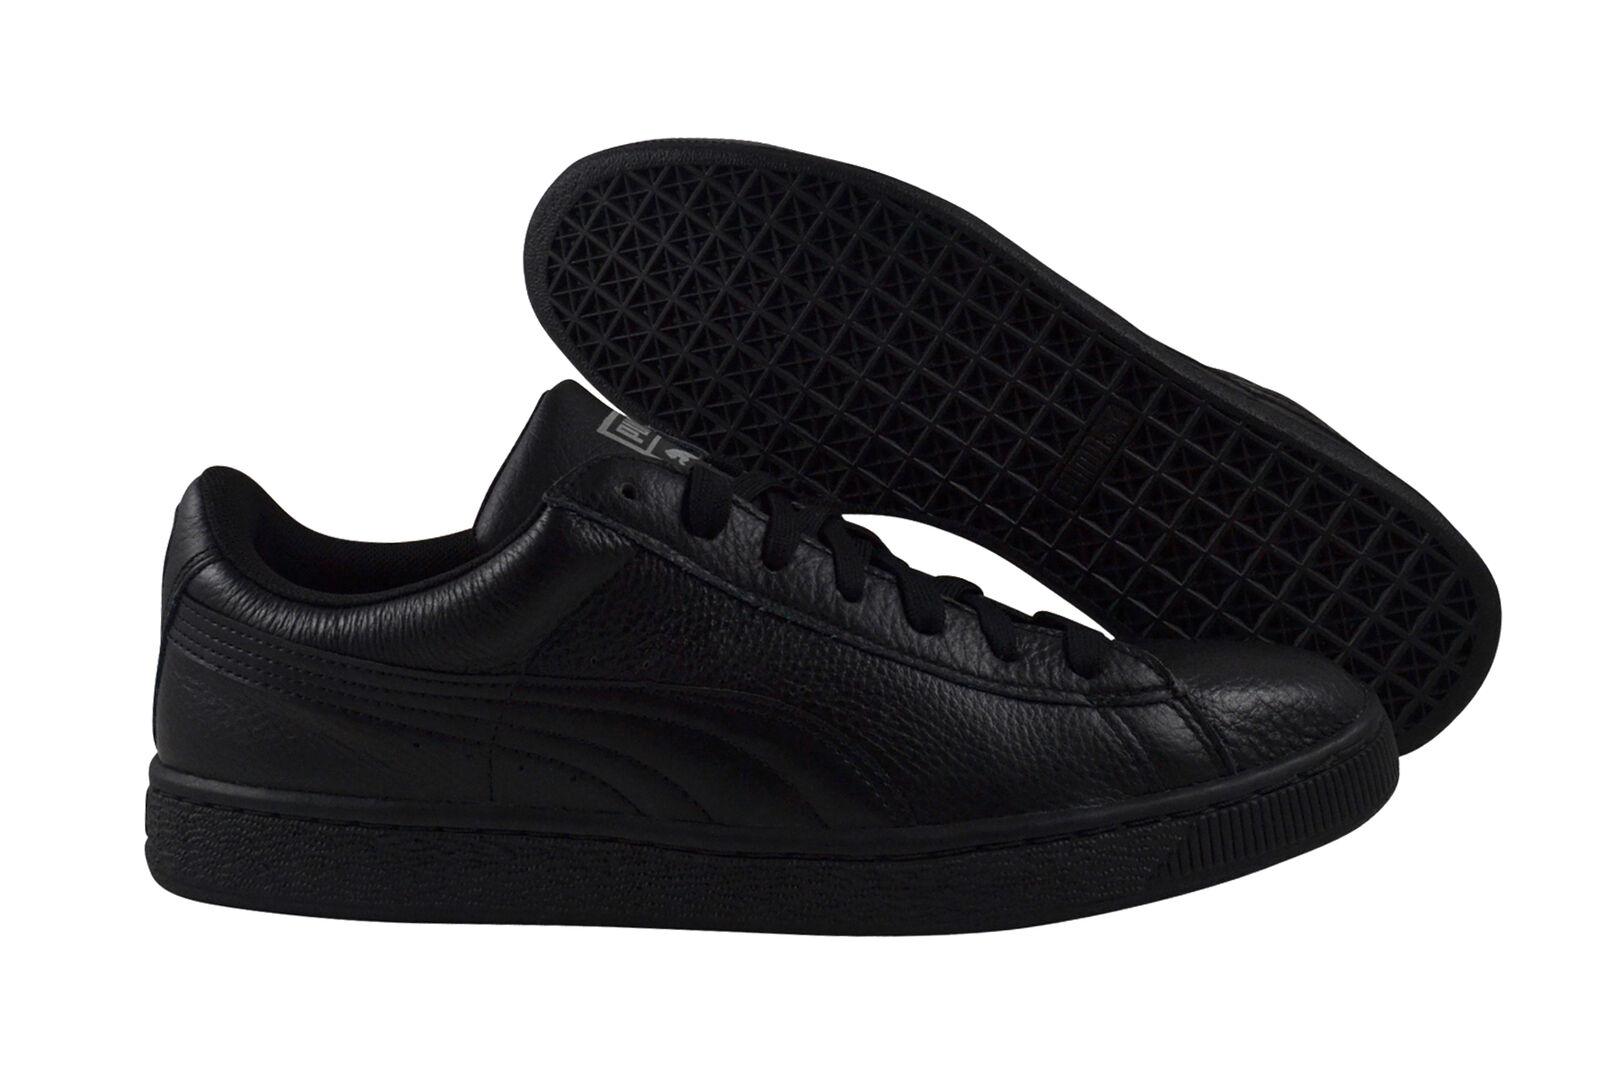 Los zapatos más populares para hombres y mujeres Puma Basket Classic reflective Black Silver cortos zapatos negro 360147 02